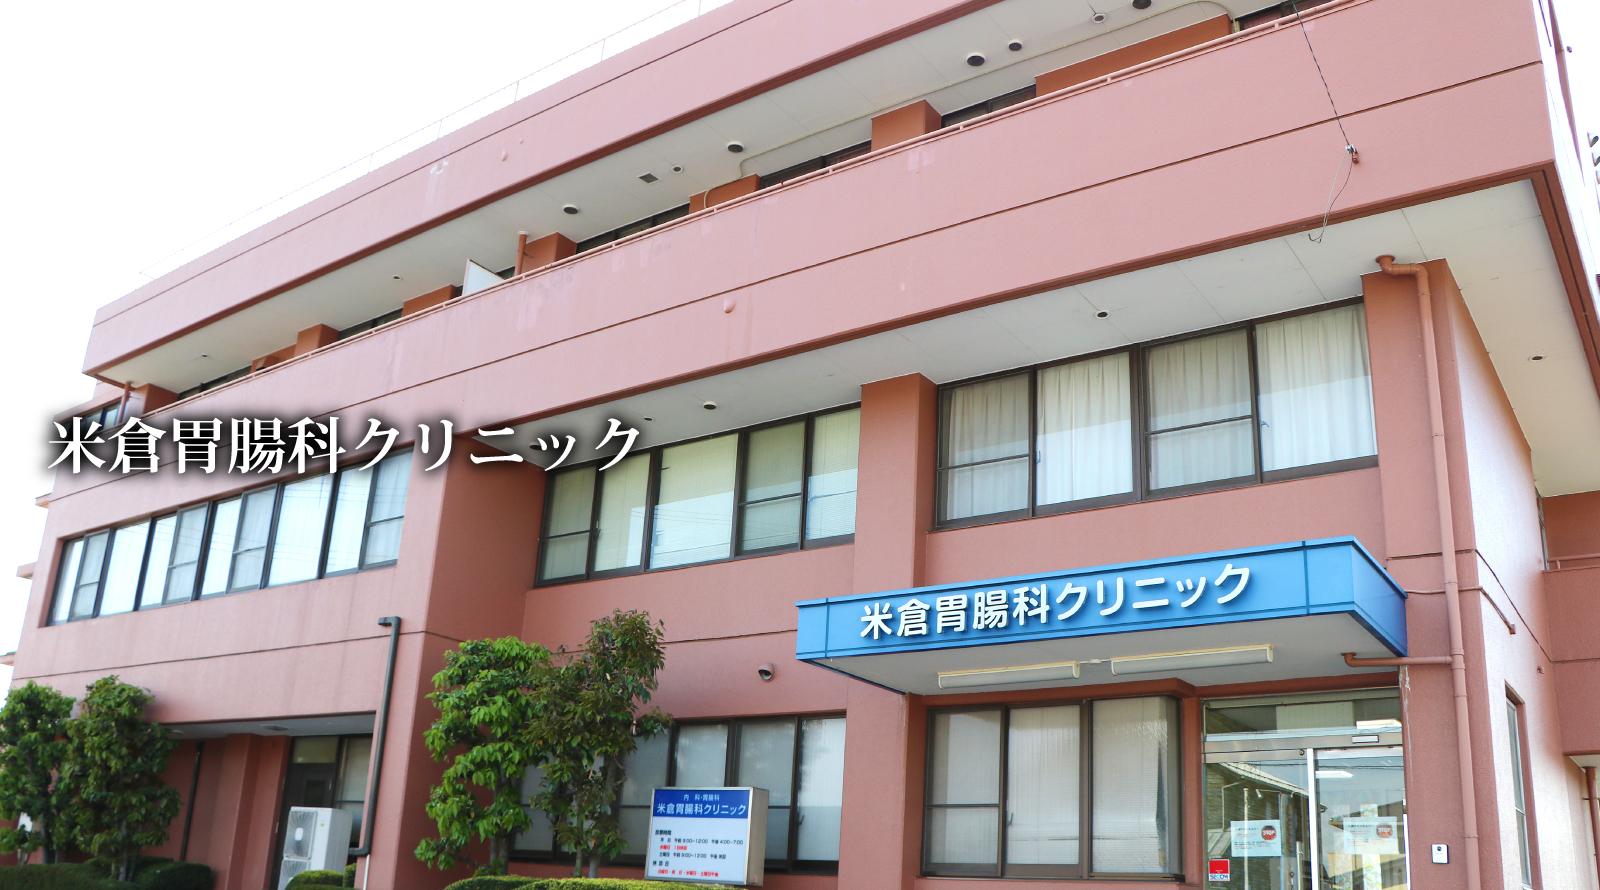 米倉胃腸科クリニック